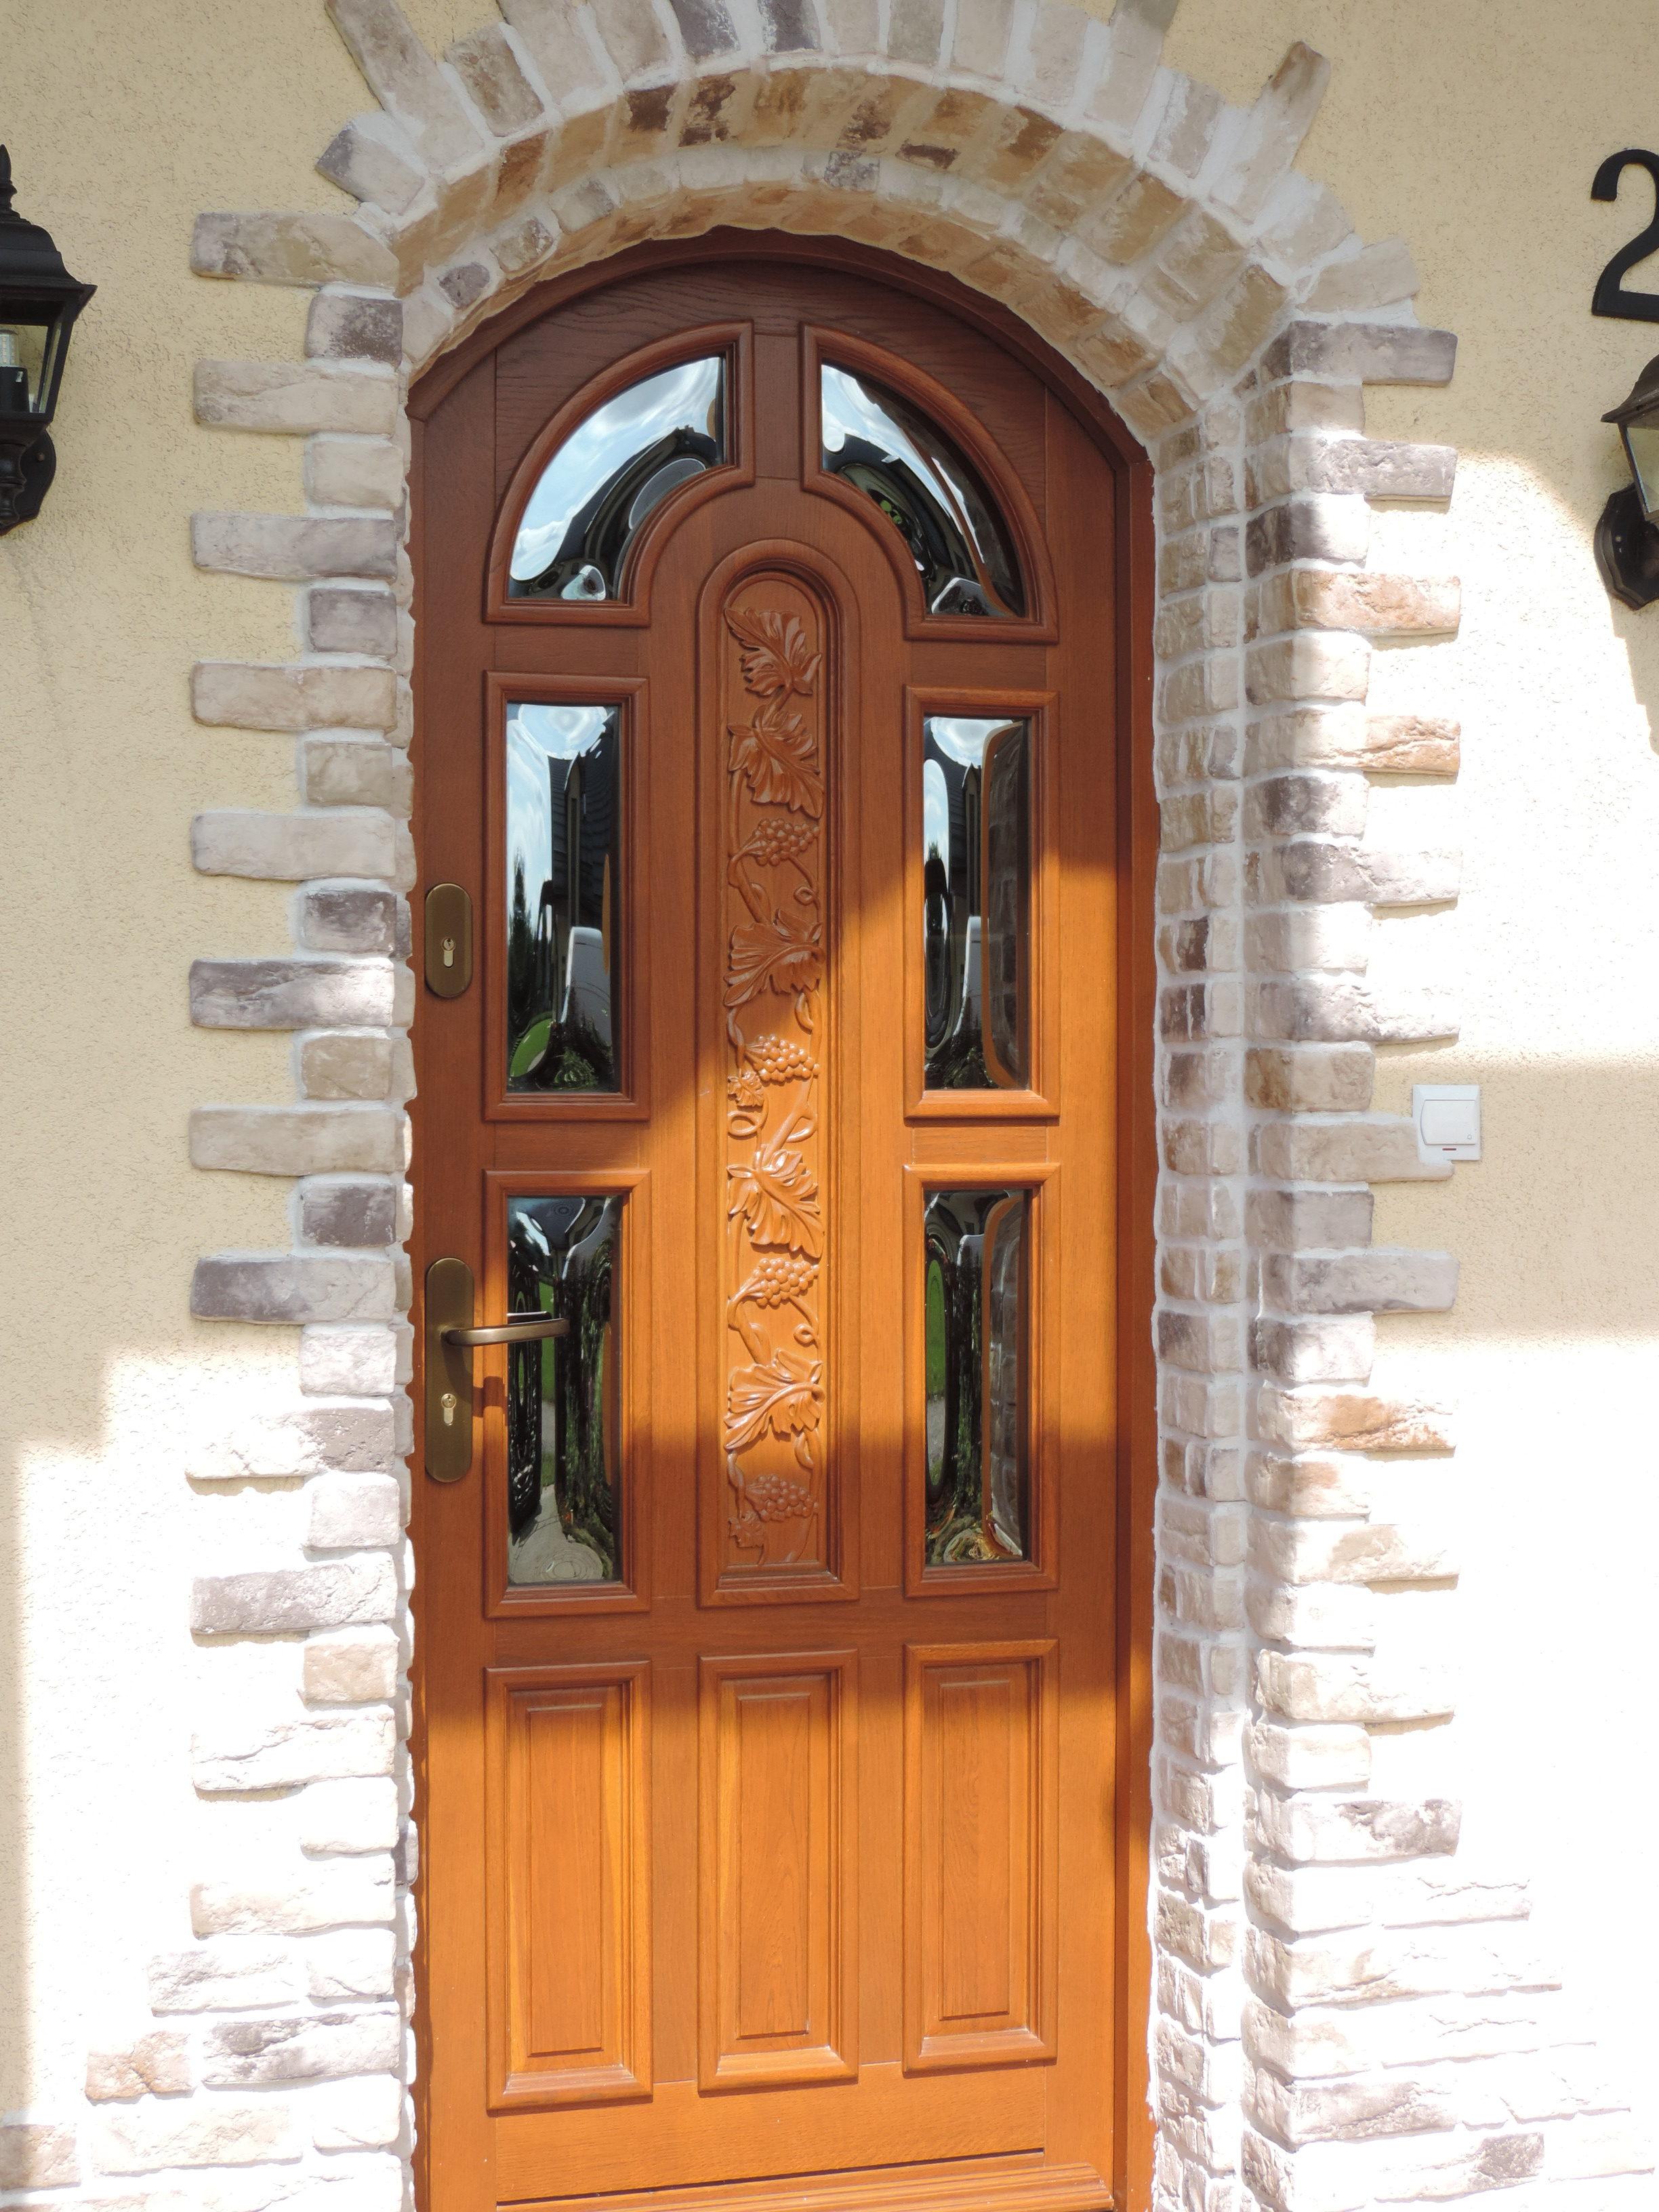 drzwi wykonane z dębu w kolorze złoty dąb, osadzone na ościeżnicy stałej